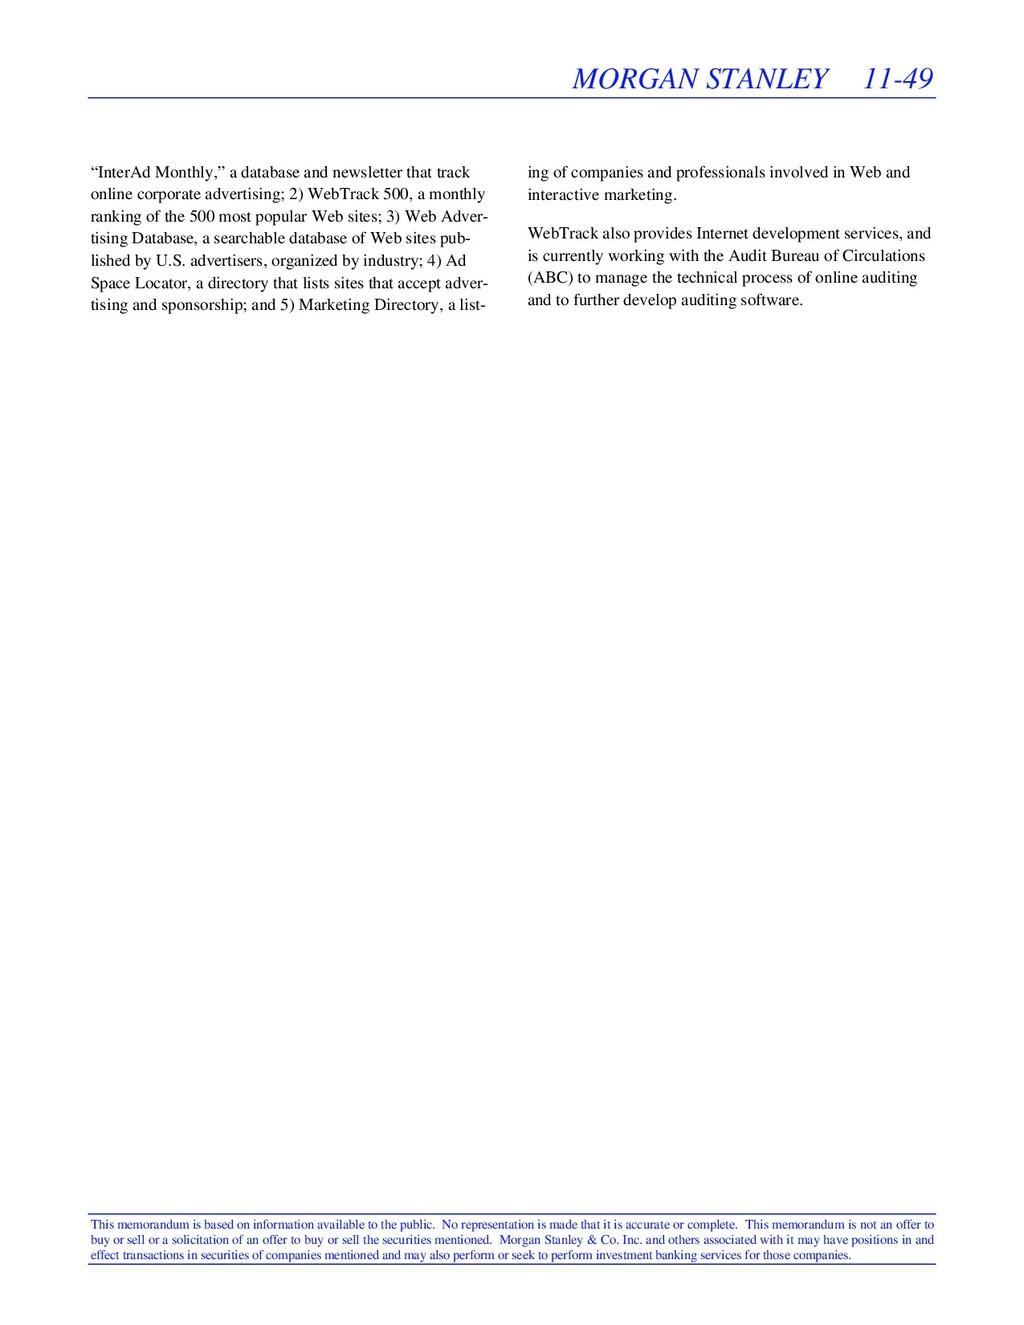 MORGAN STANLEY 11-49 This memorandum is based o...